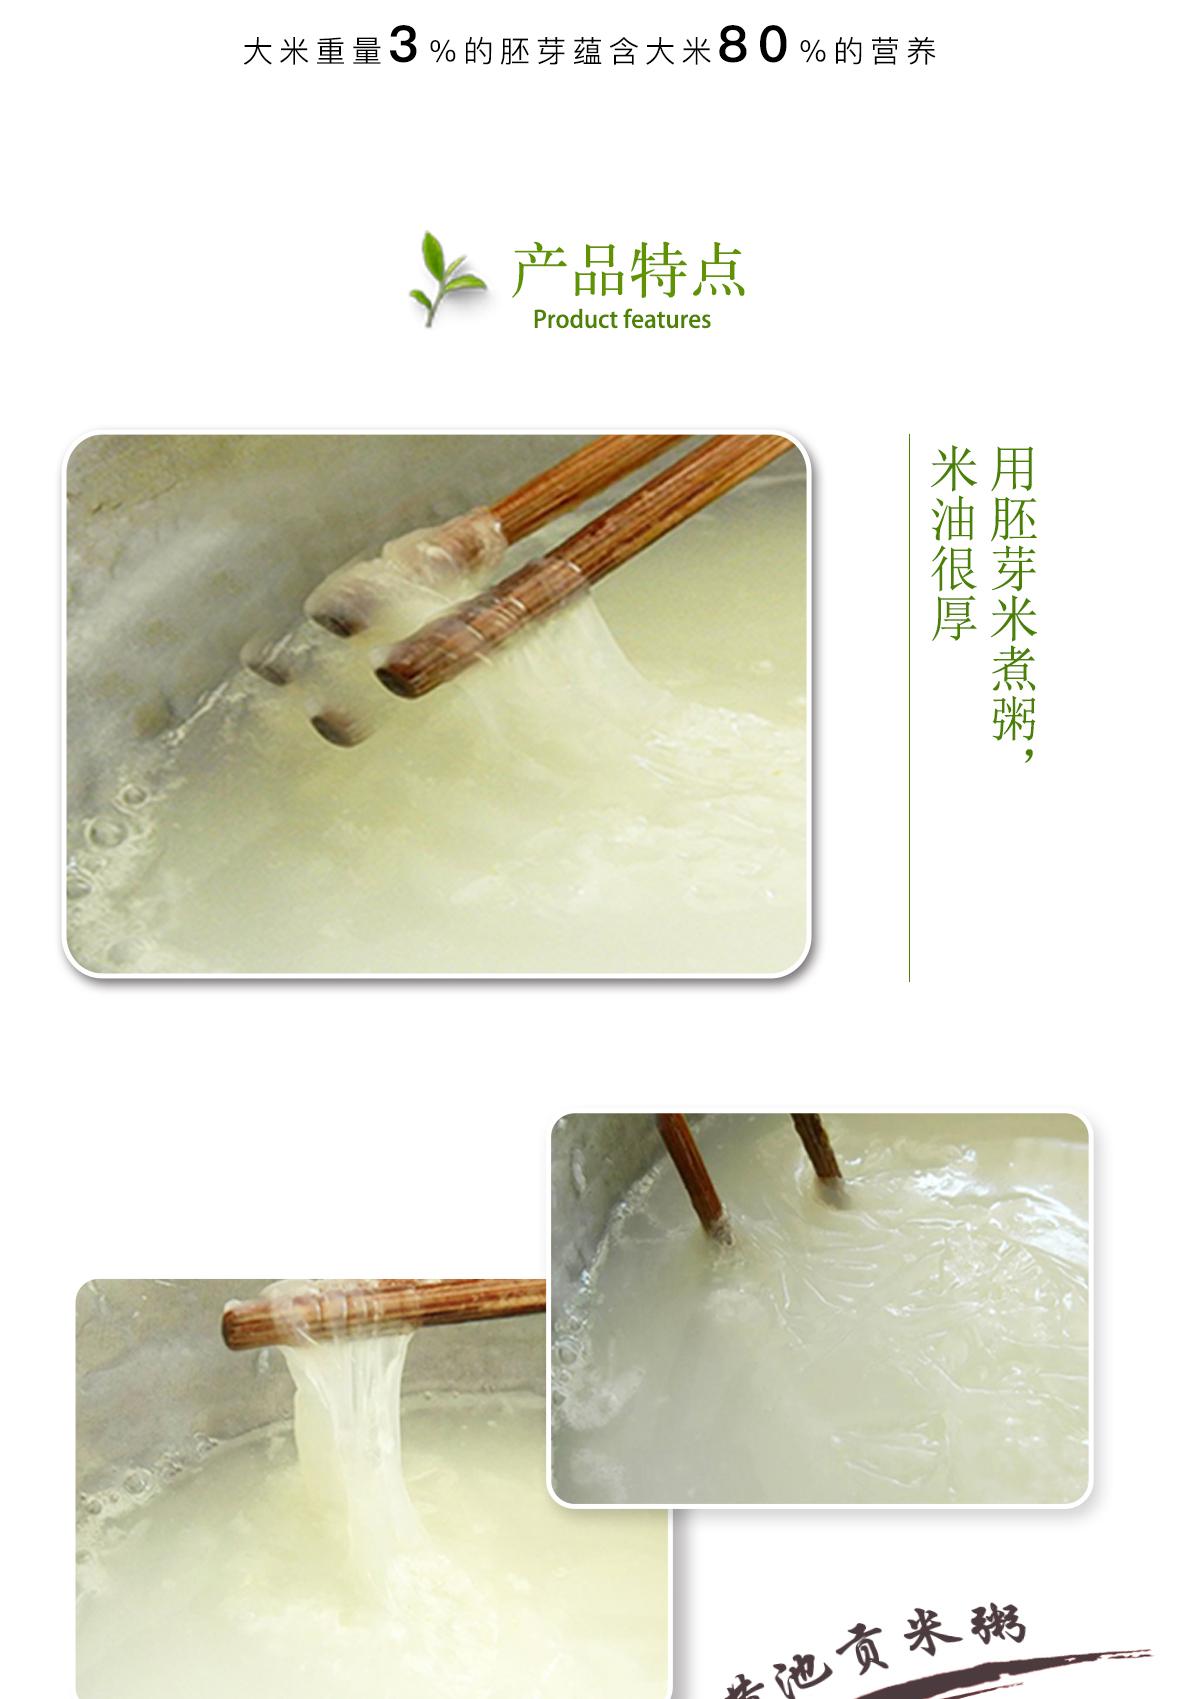 5kg有机胚芽米_02.jpg